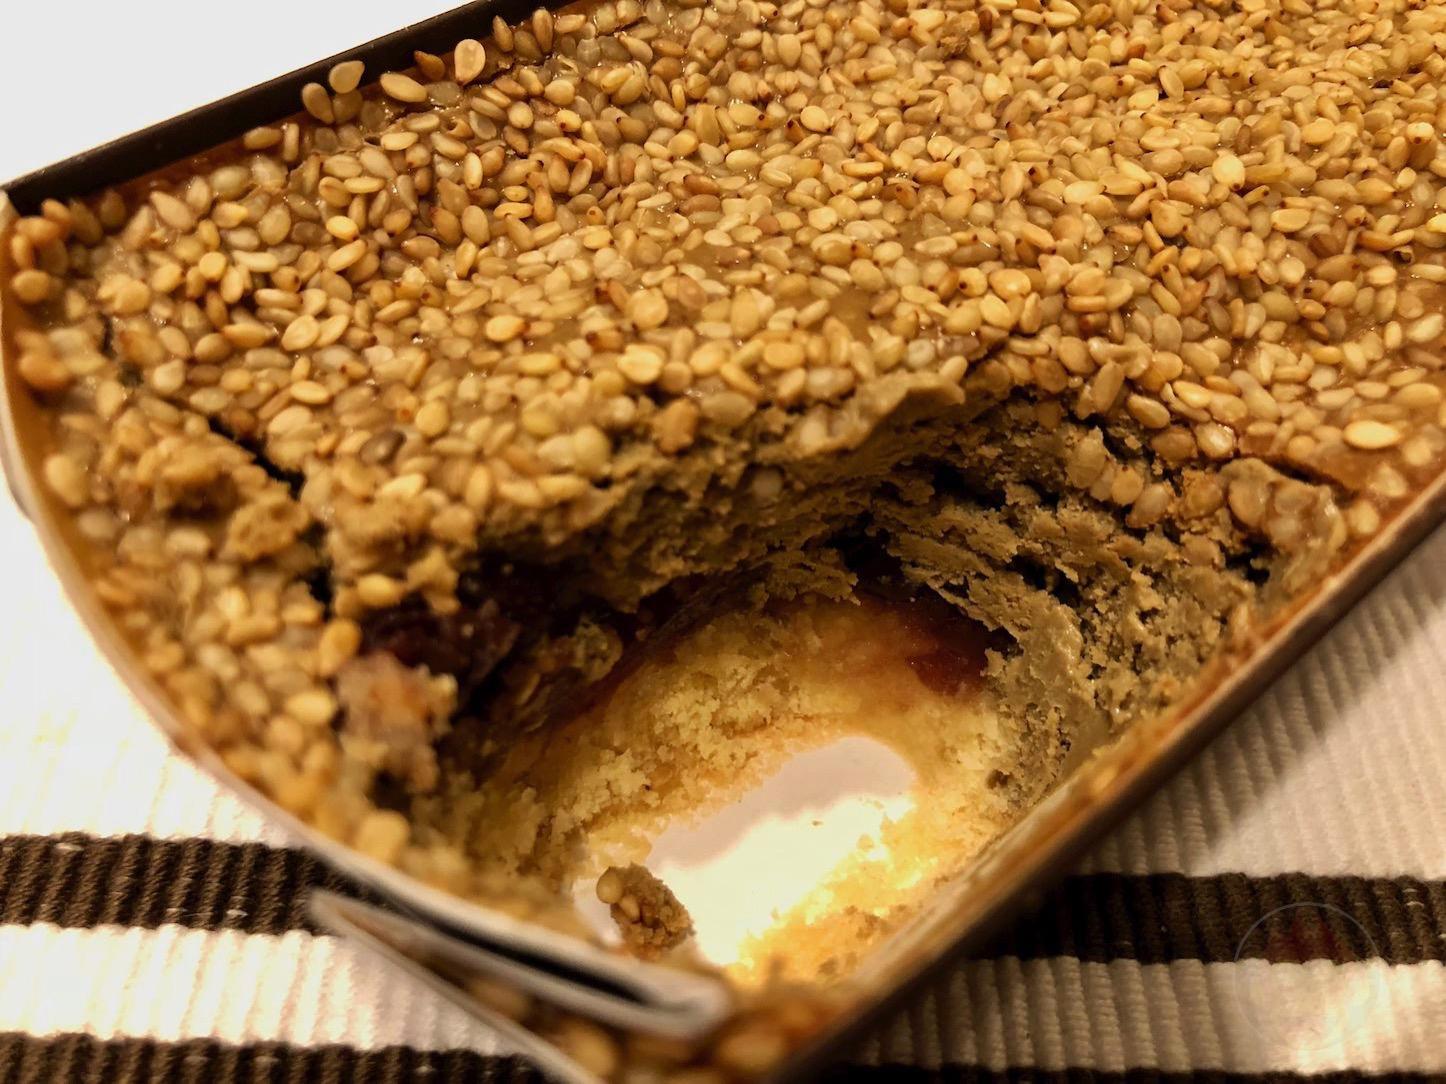 Premium-Cheesecake-Japanese-Style-03.jpg